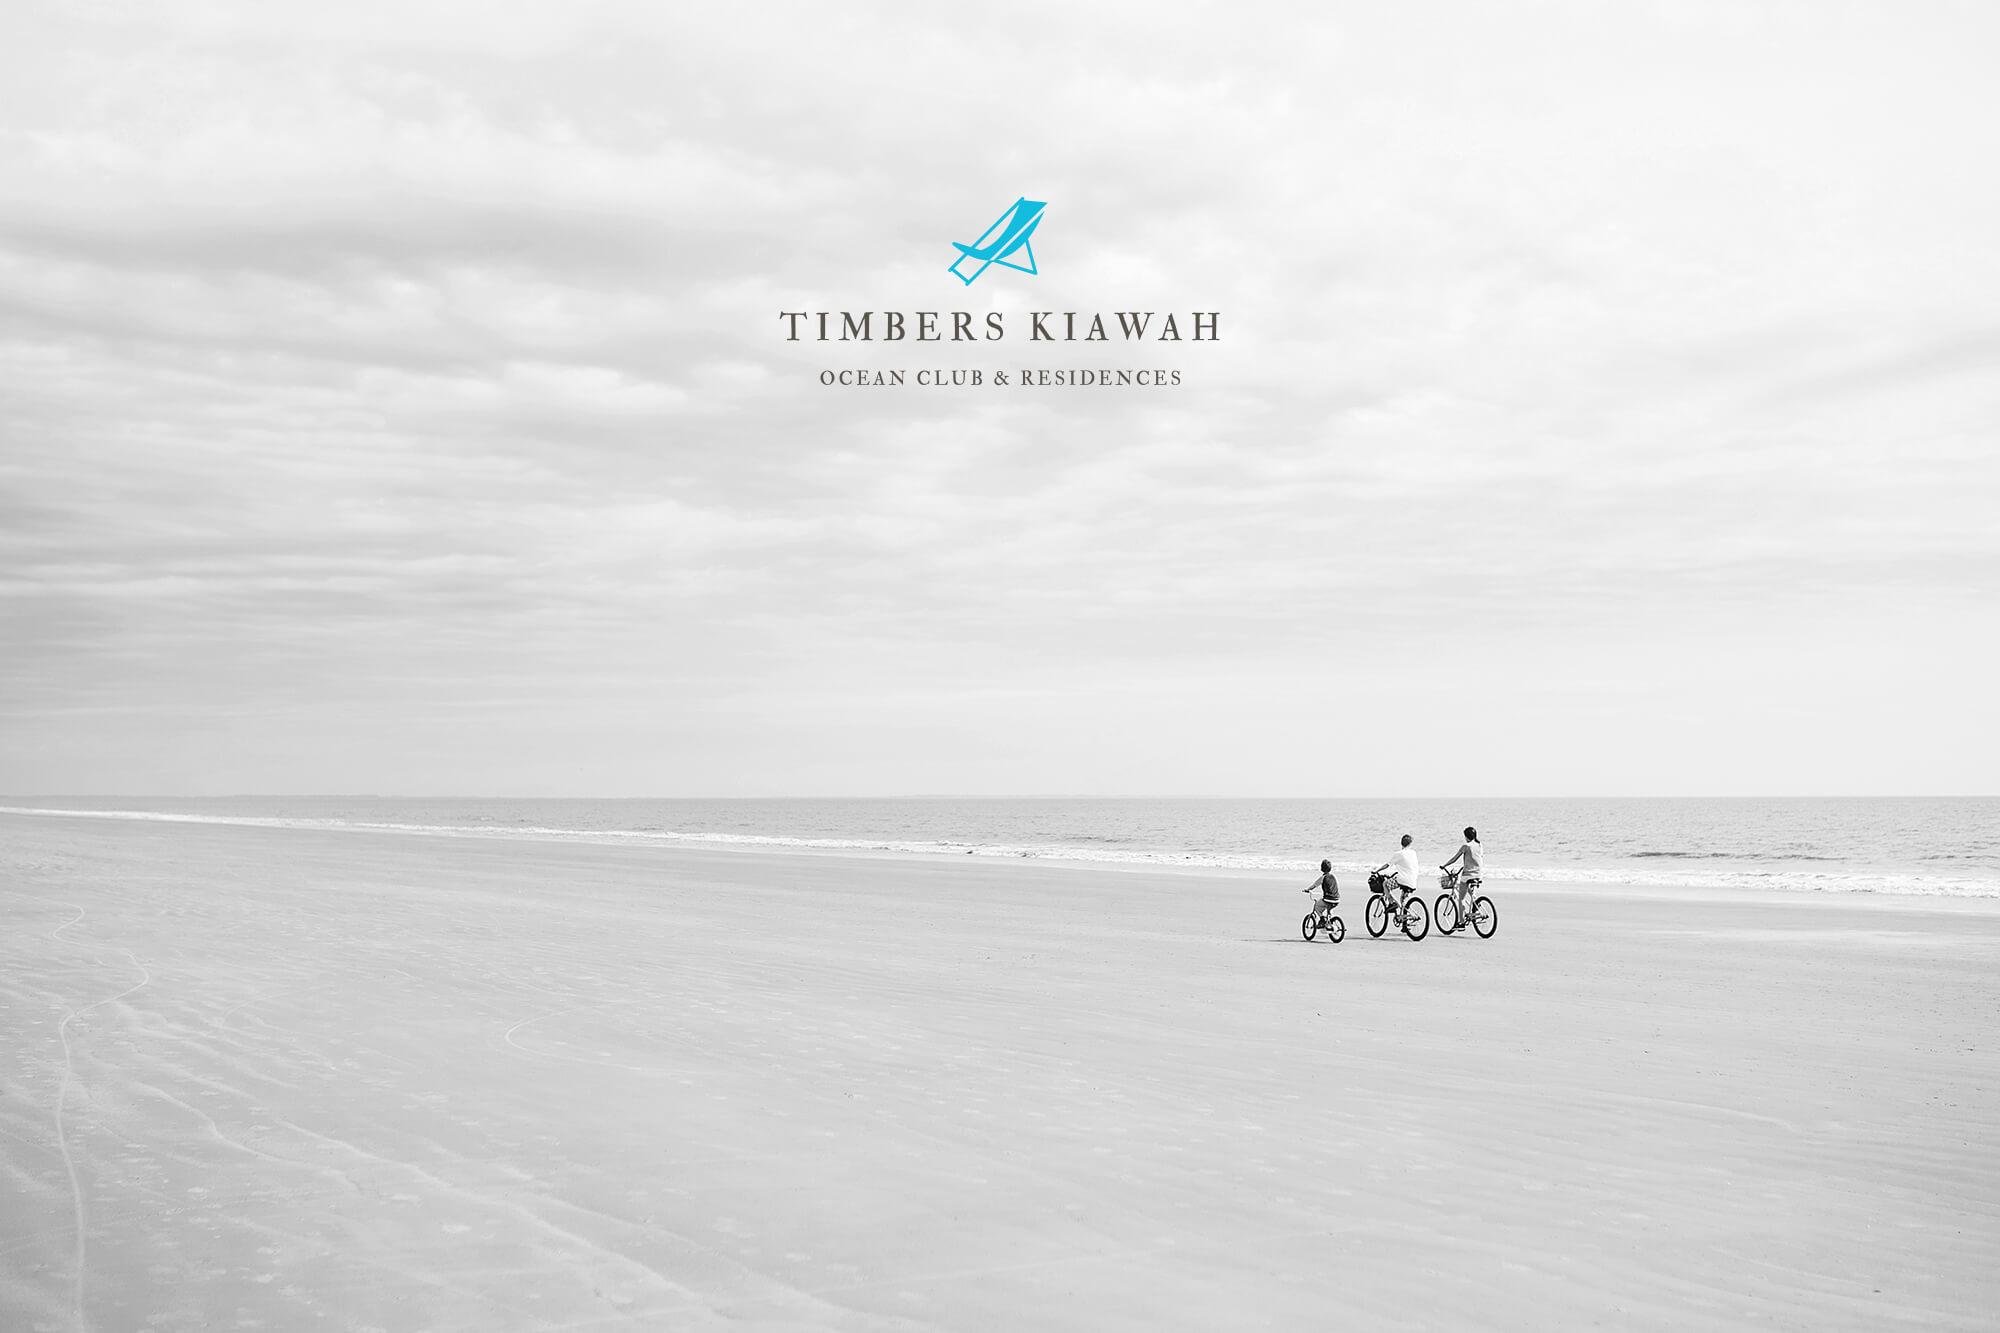 Timbers Kiawah